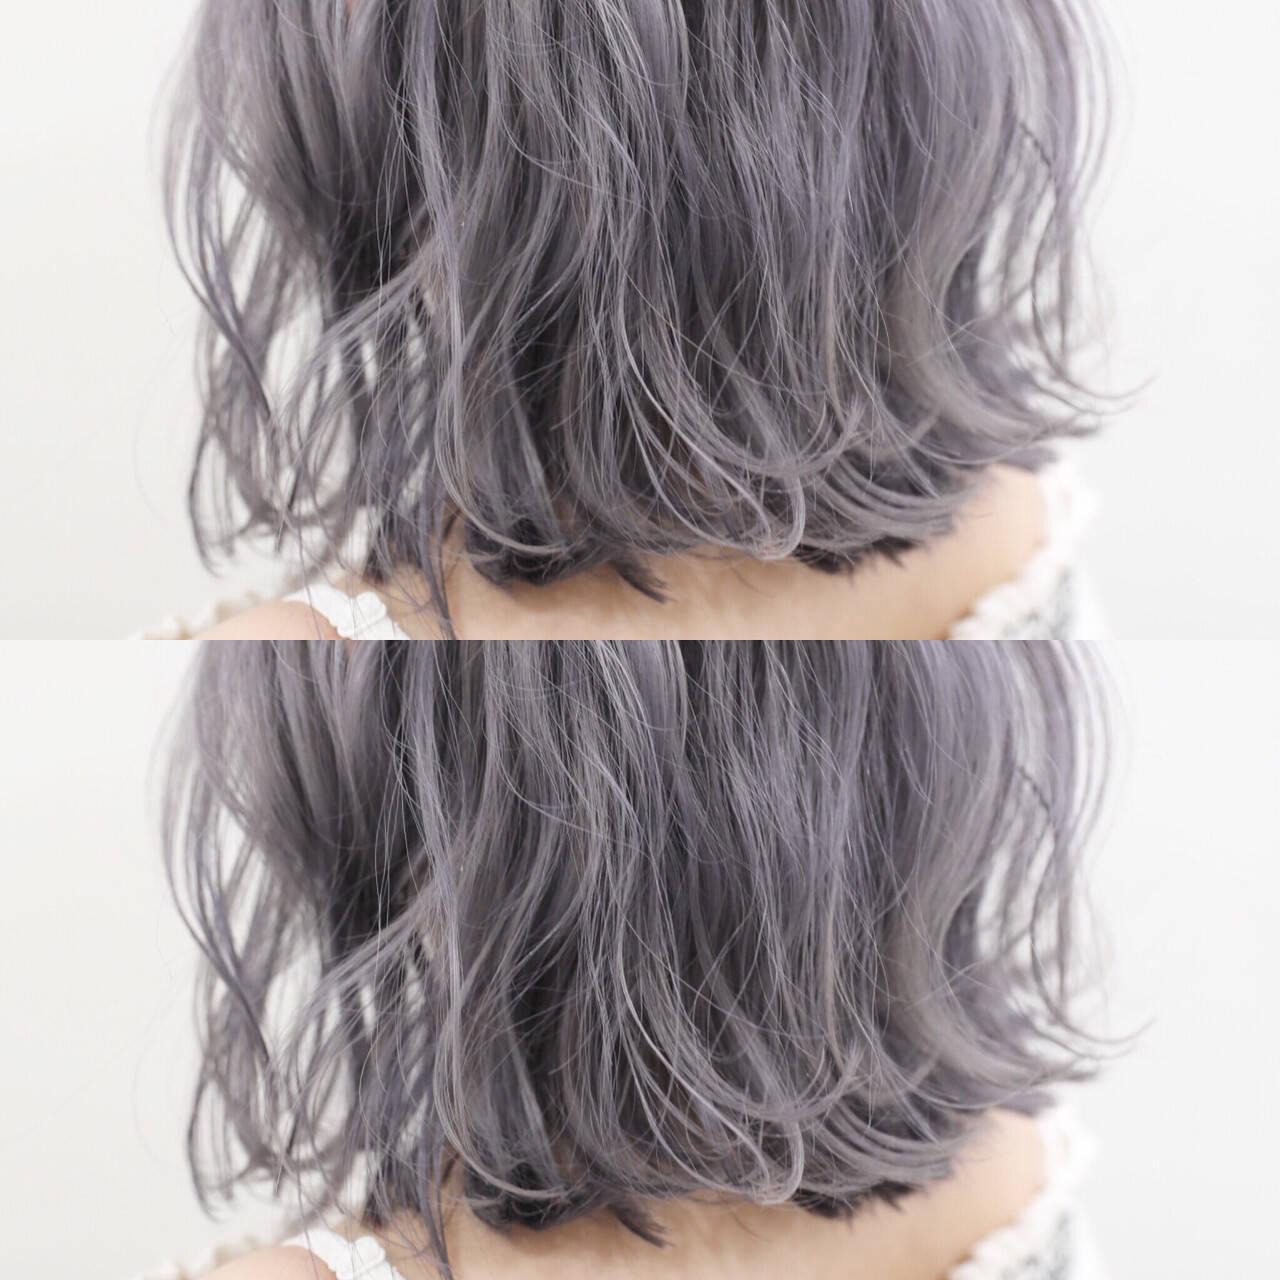 モード ボブ シルバーアッシュ ホワイトアッシュヘアスタイルや髪型の写真・画像